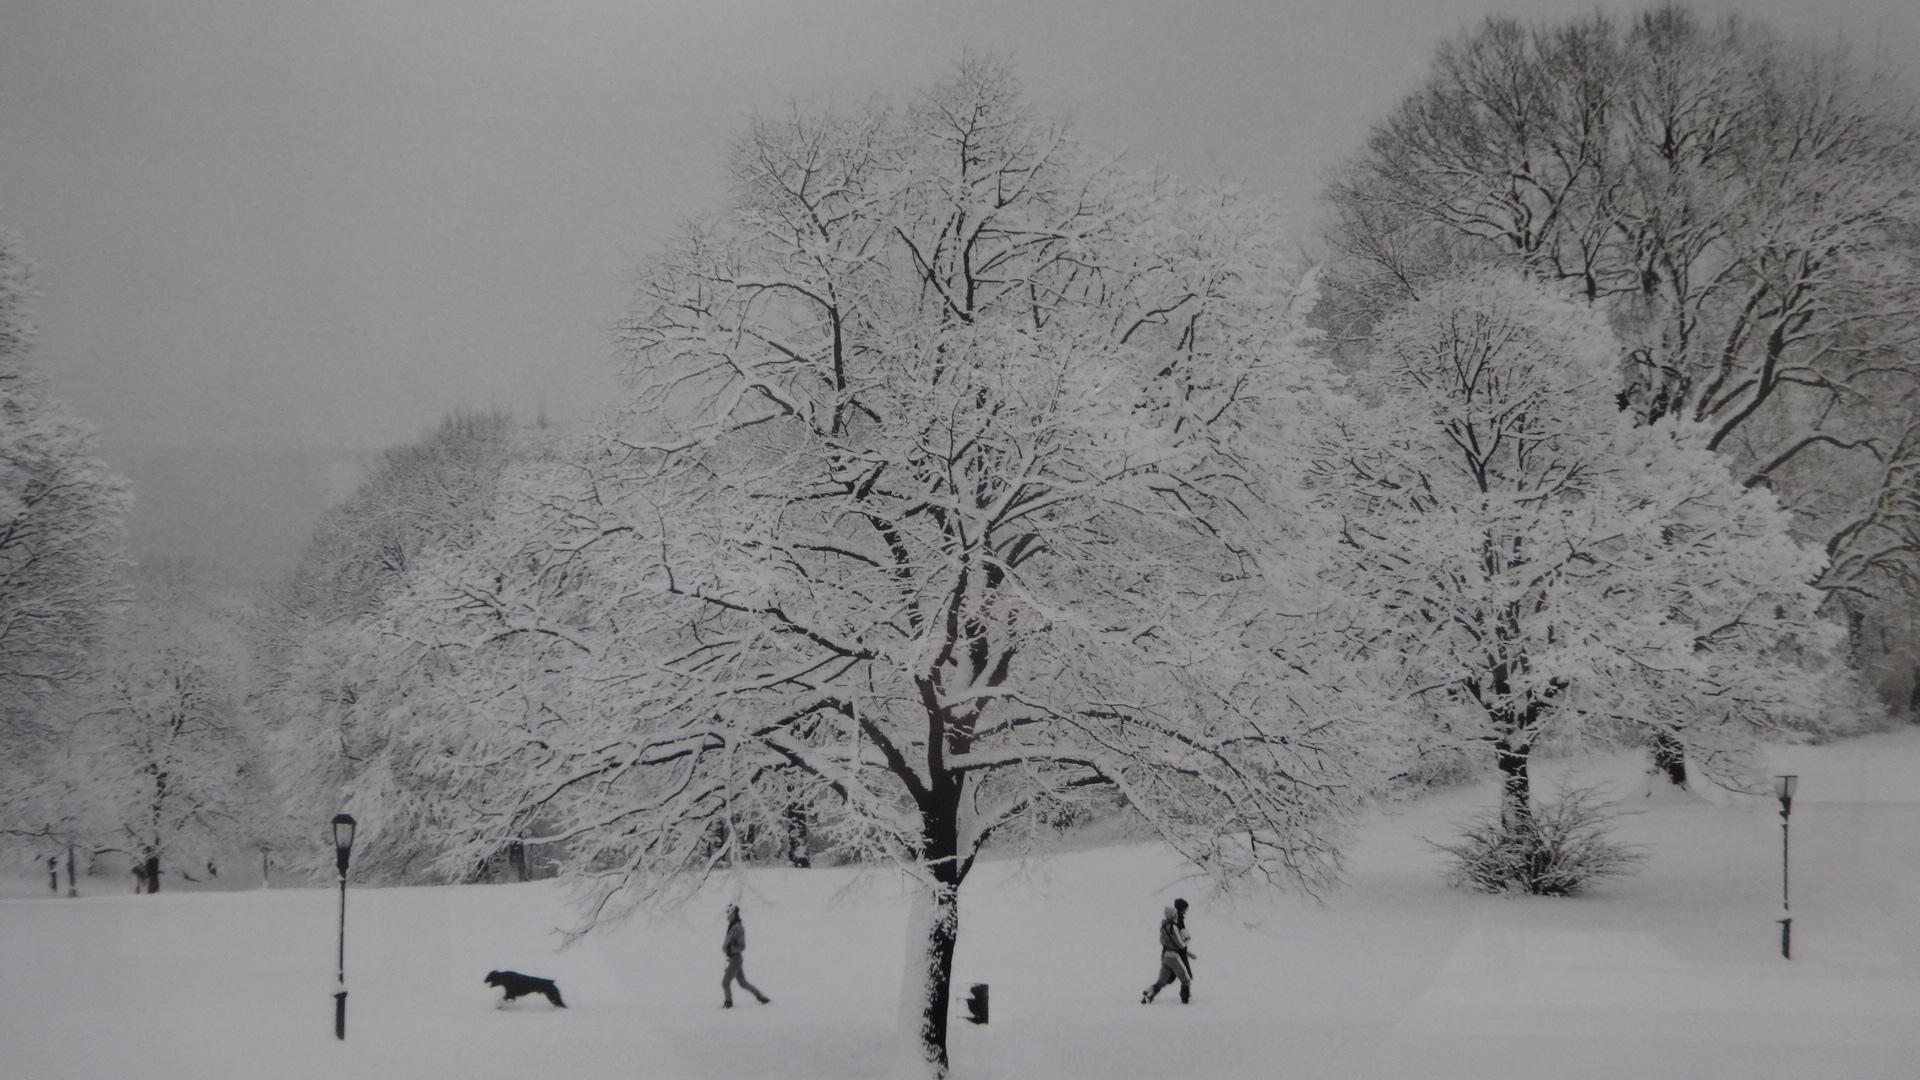 壁に飾られた雪景色の写真